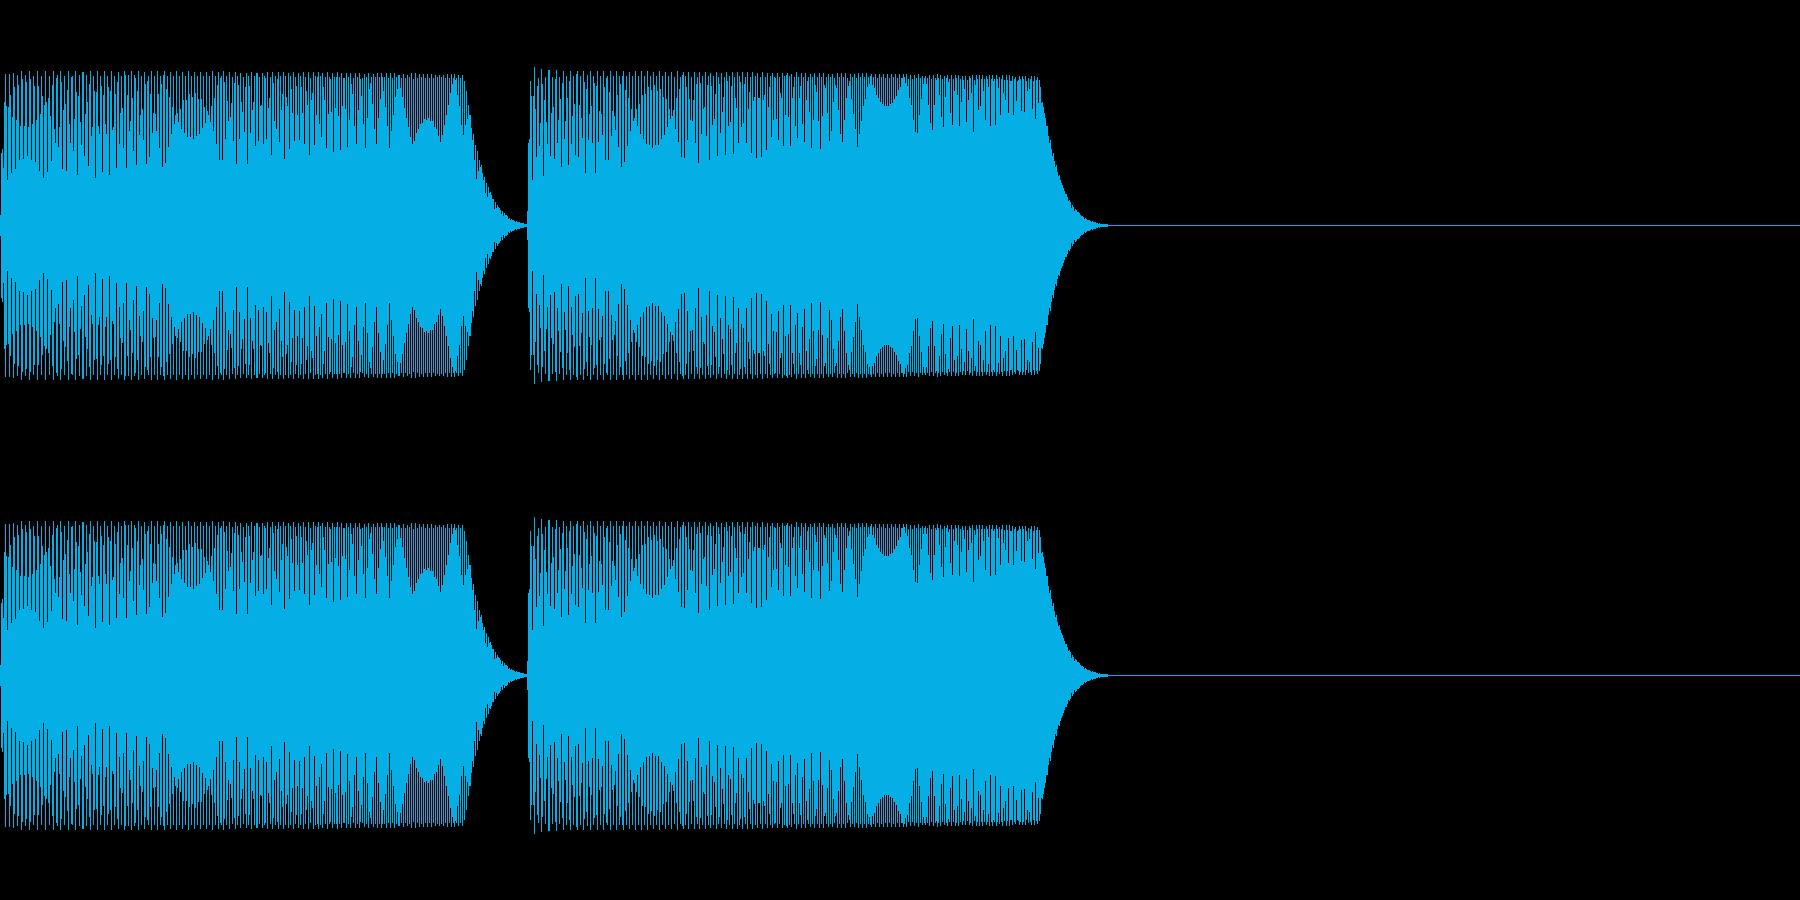 アイテム取得・ジャンプ等 「ぽわぽわ」の再生済みの波形